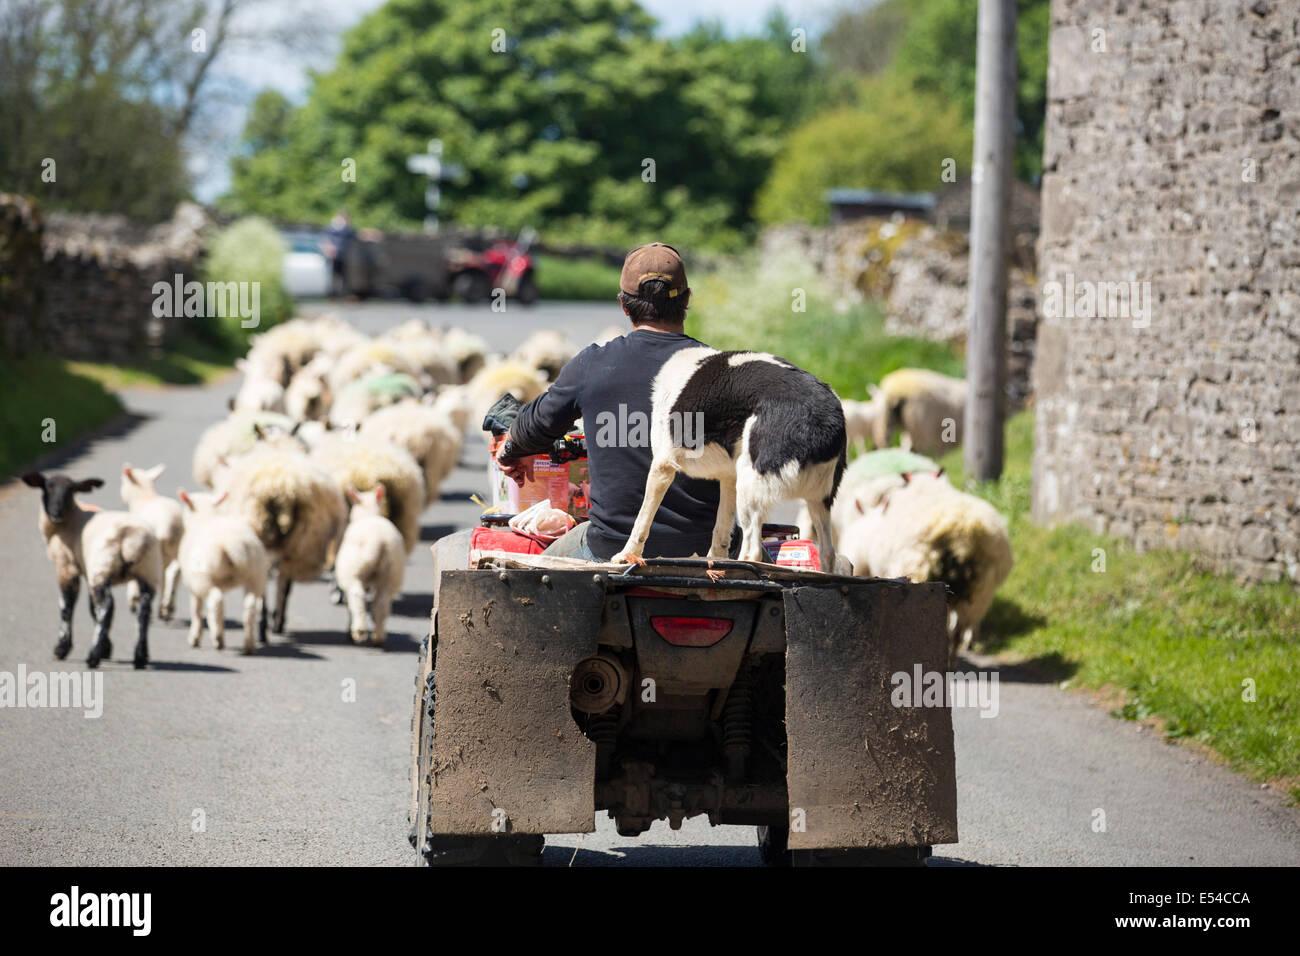 Un agriculteur droving moutons d'un quad vélo près d'Haweswater, Lake District, UK. Photo Stock